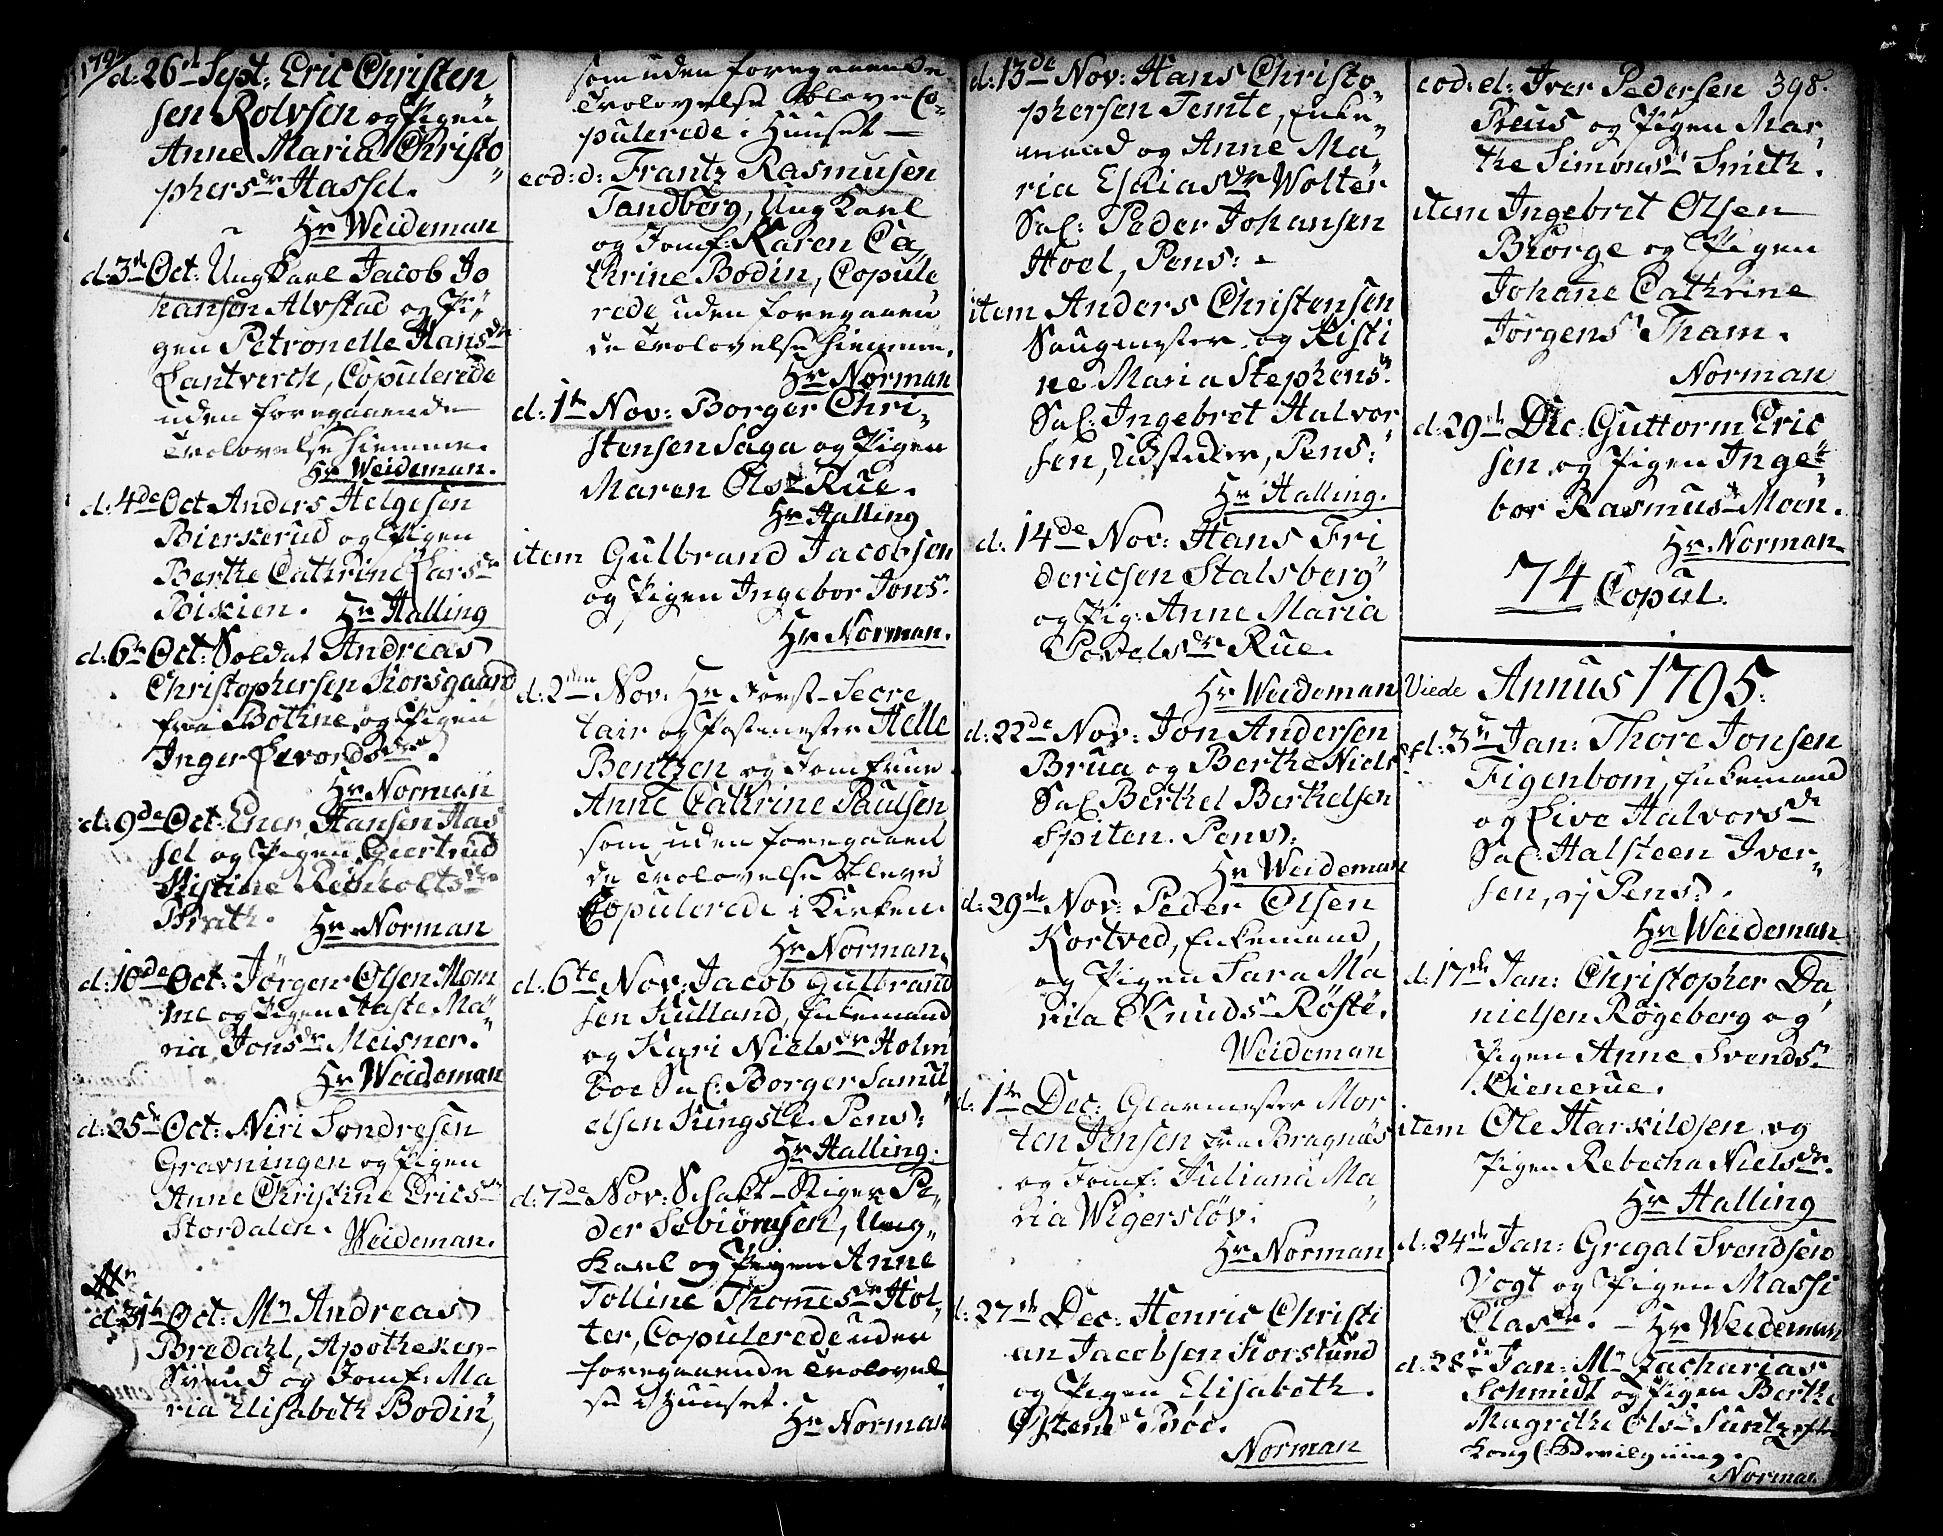 SAKO, Kongsberg kirkebøker, F/Fa/L0006: Ministerialbok nr. I 6, 1783-1797, s. 398